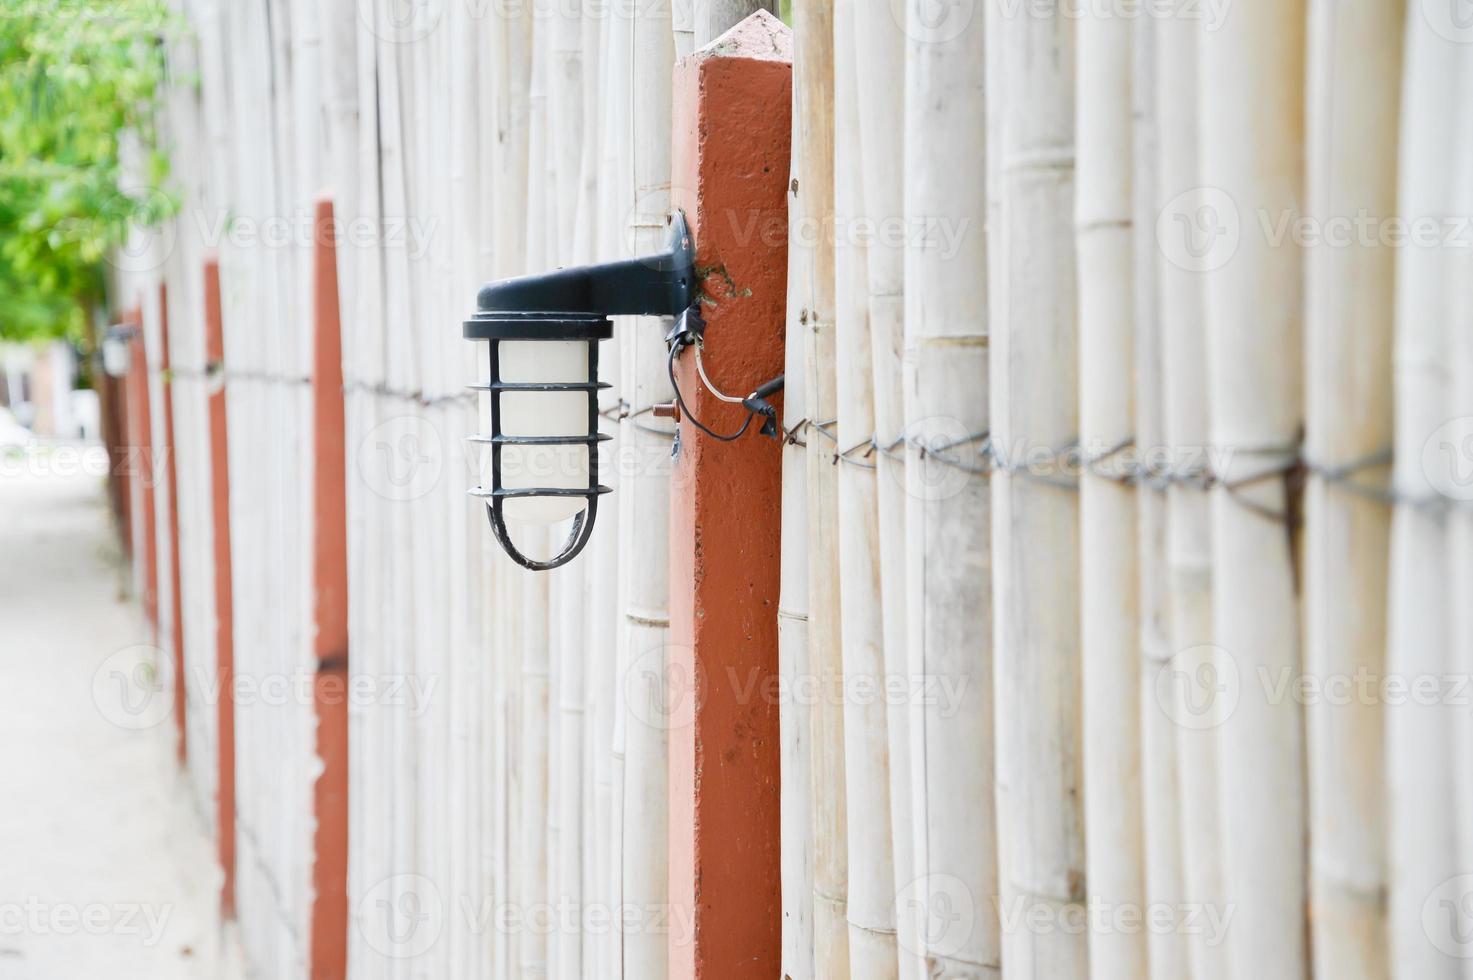 lampada da parete per esterni sulla recinzione di bambù nel parco foto